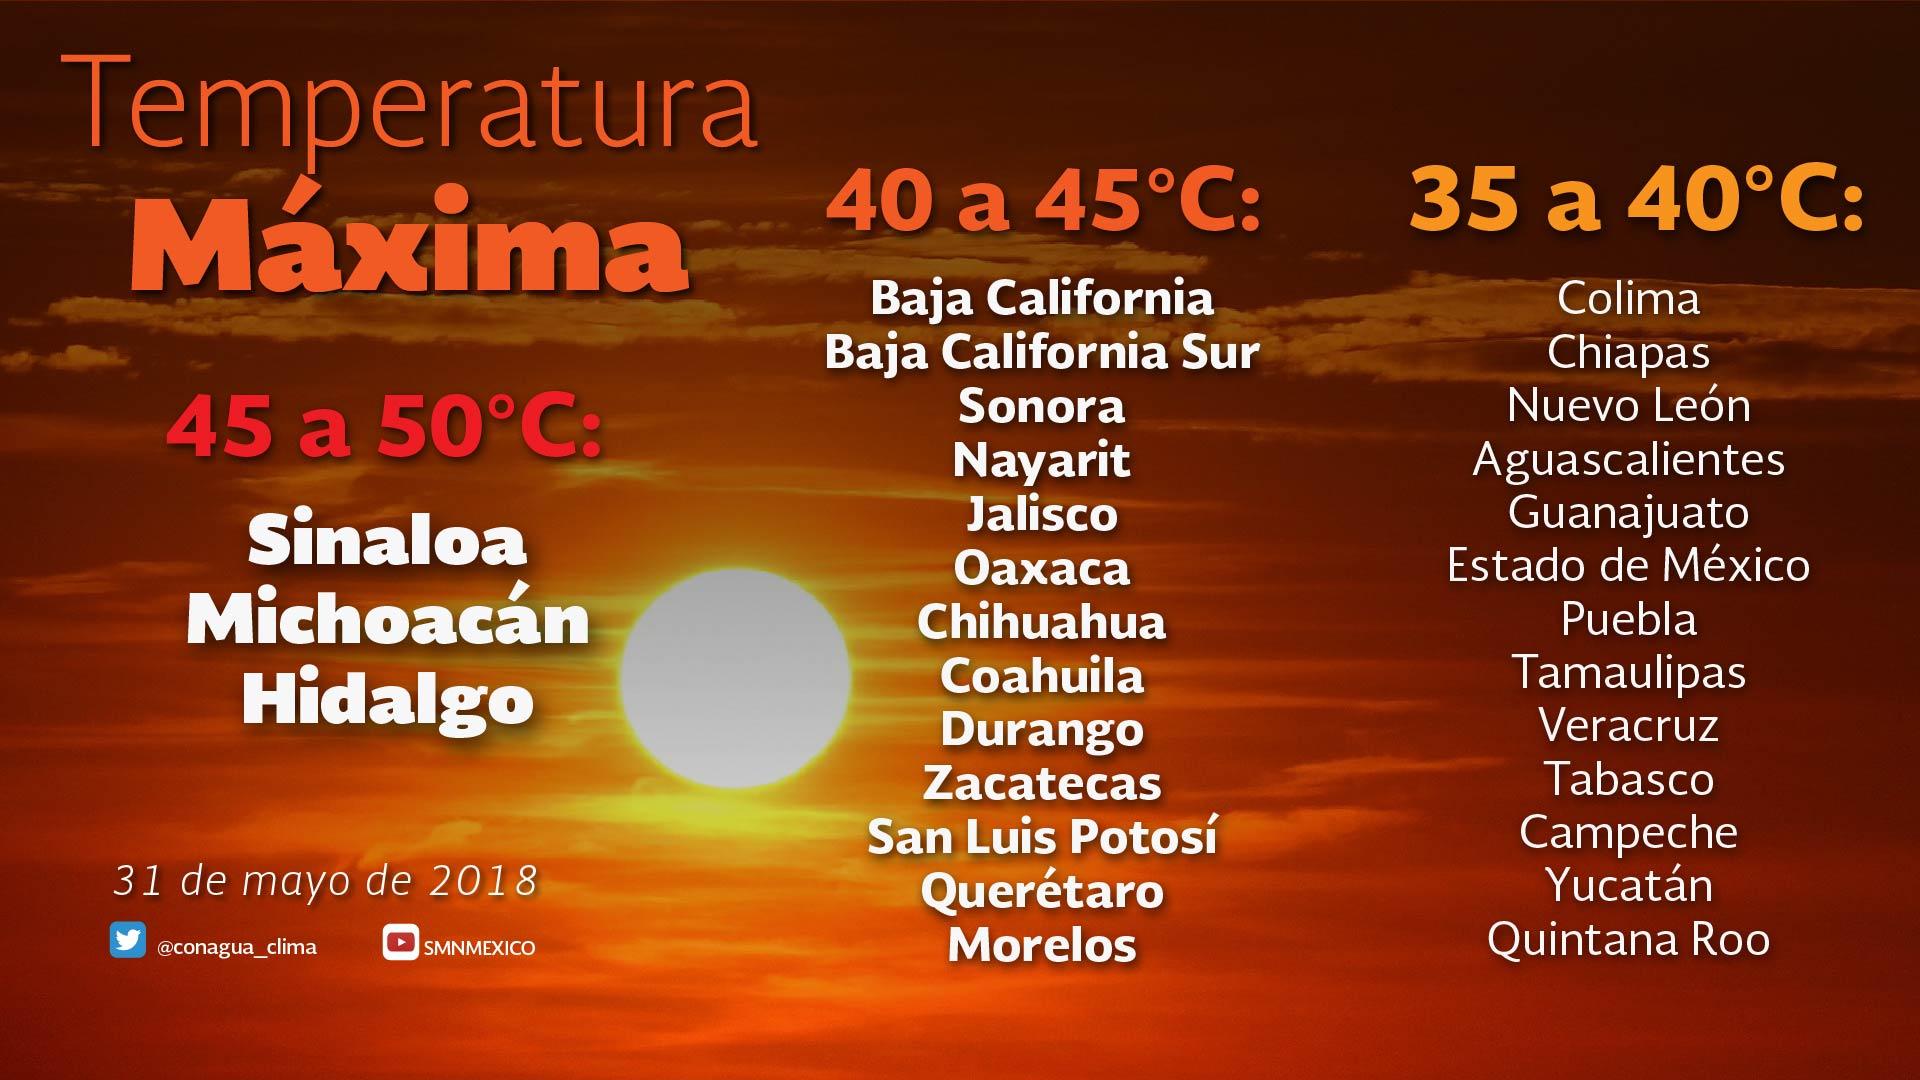 Prevalece el pronóstico de ambiente caluroso para Tlaxcala